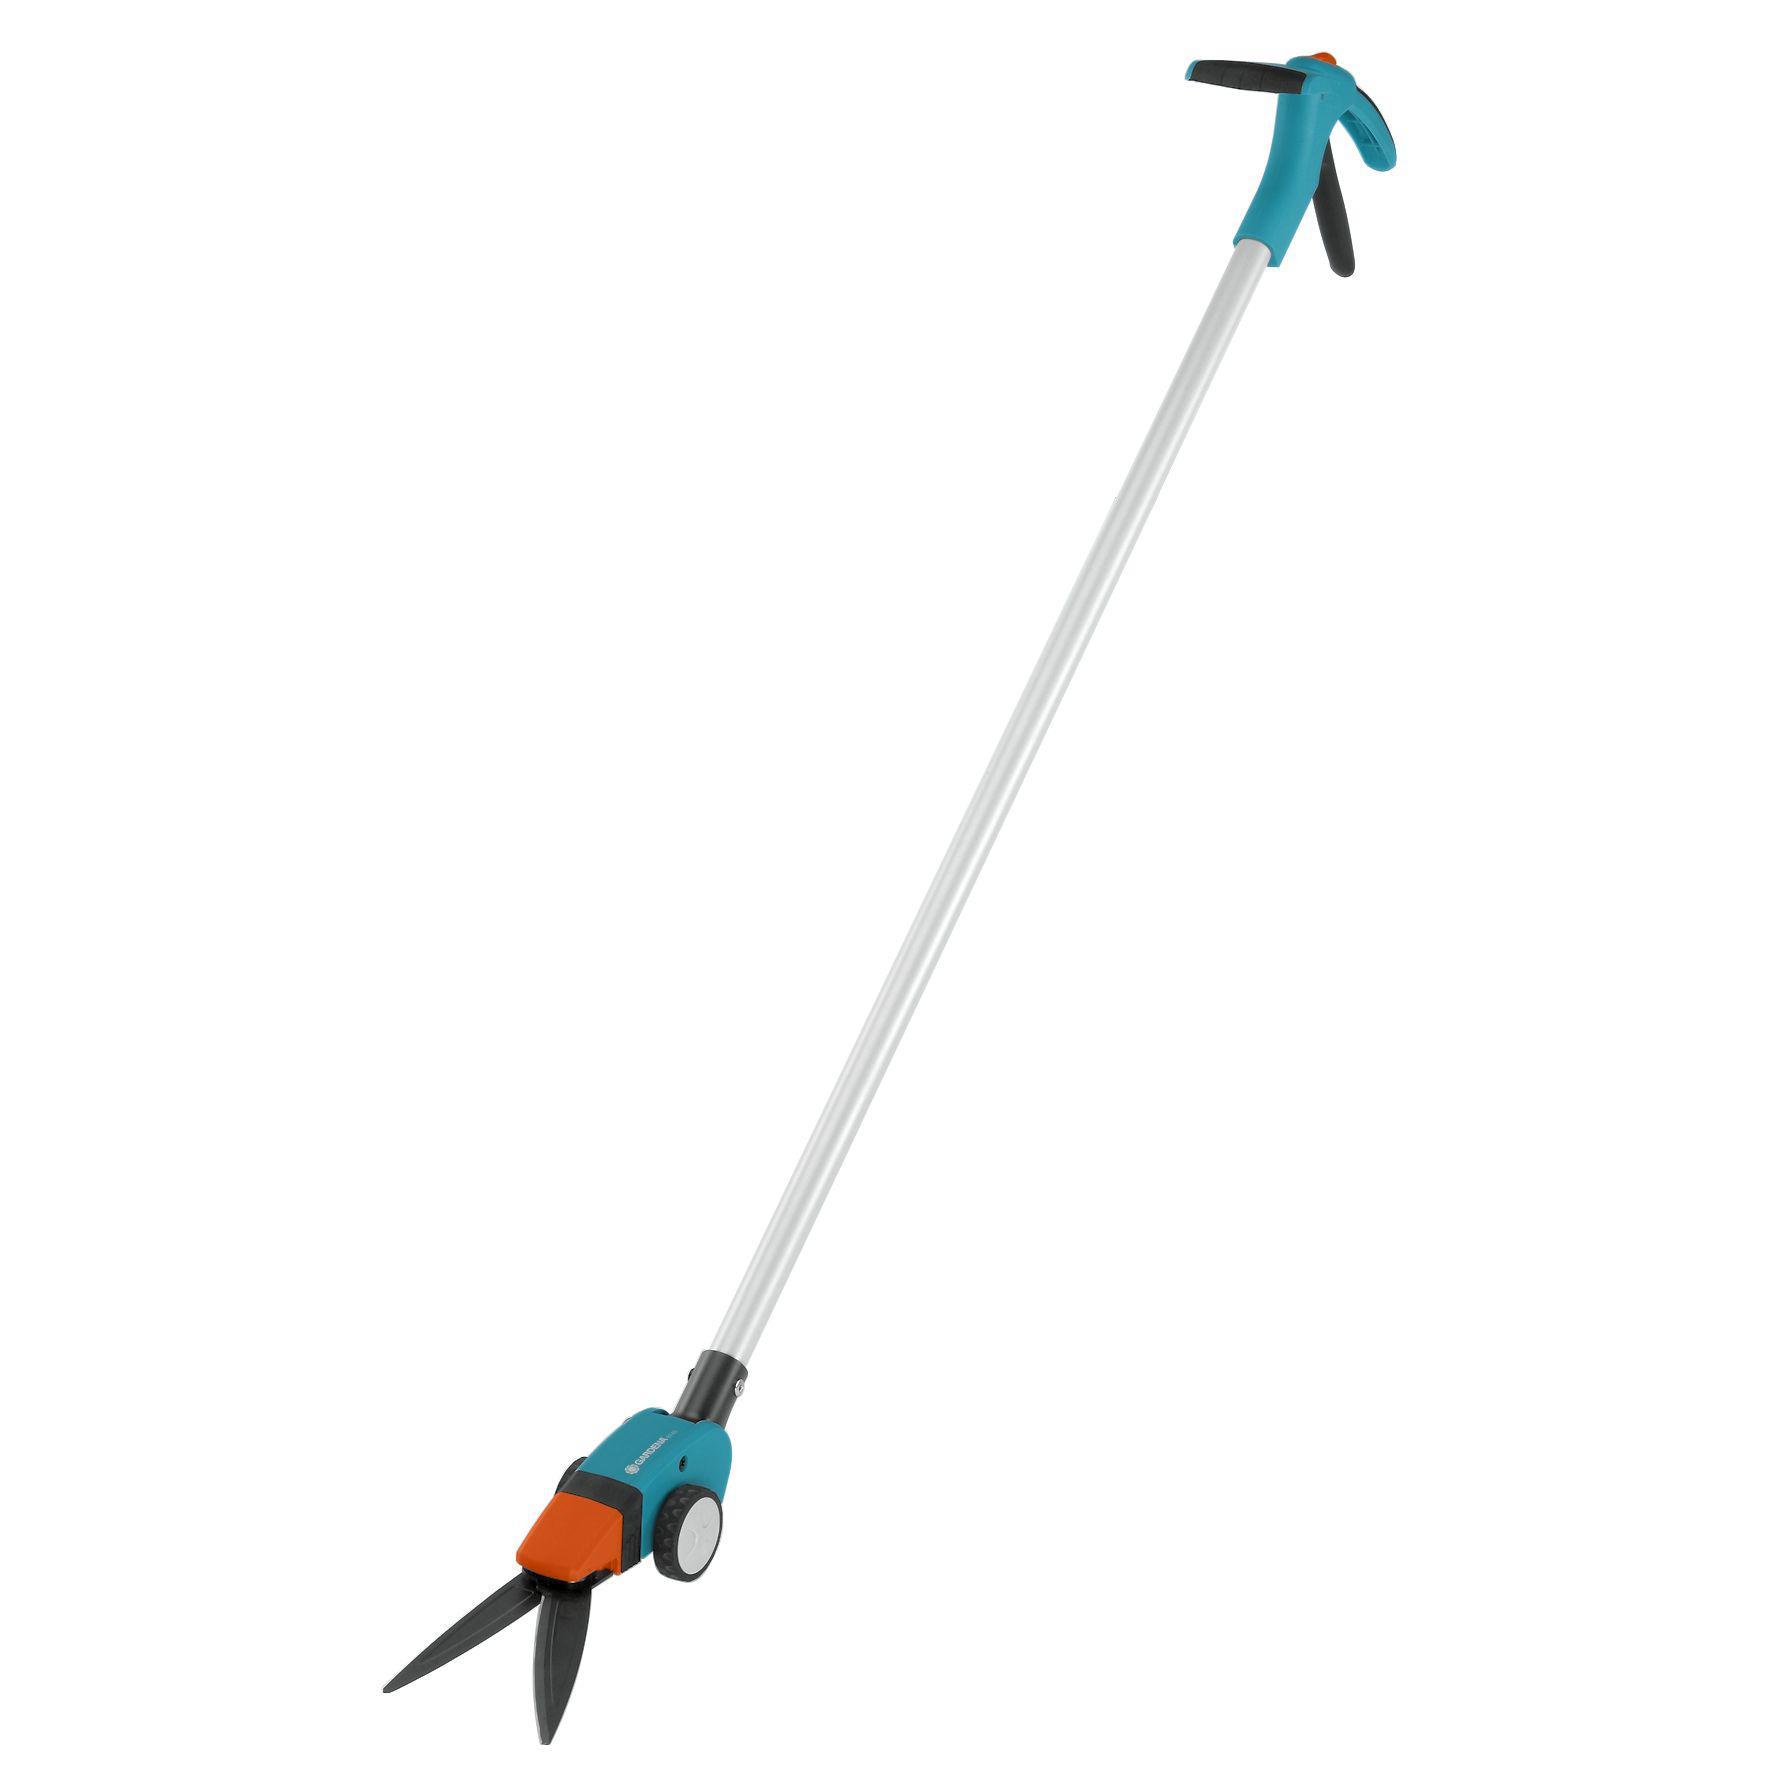 Ножницы Gardena Comfort 8740 (08740-20.000.00) ножницы для живой изгороди gardena 600 comfort